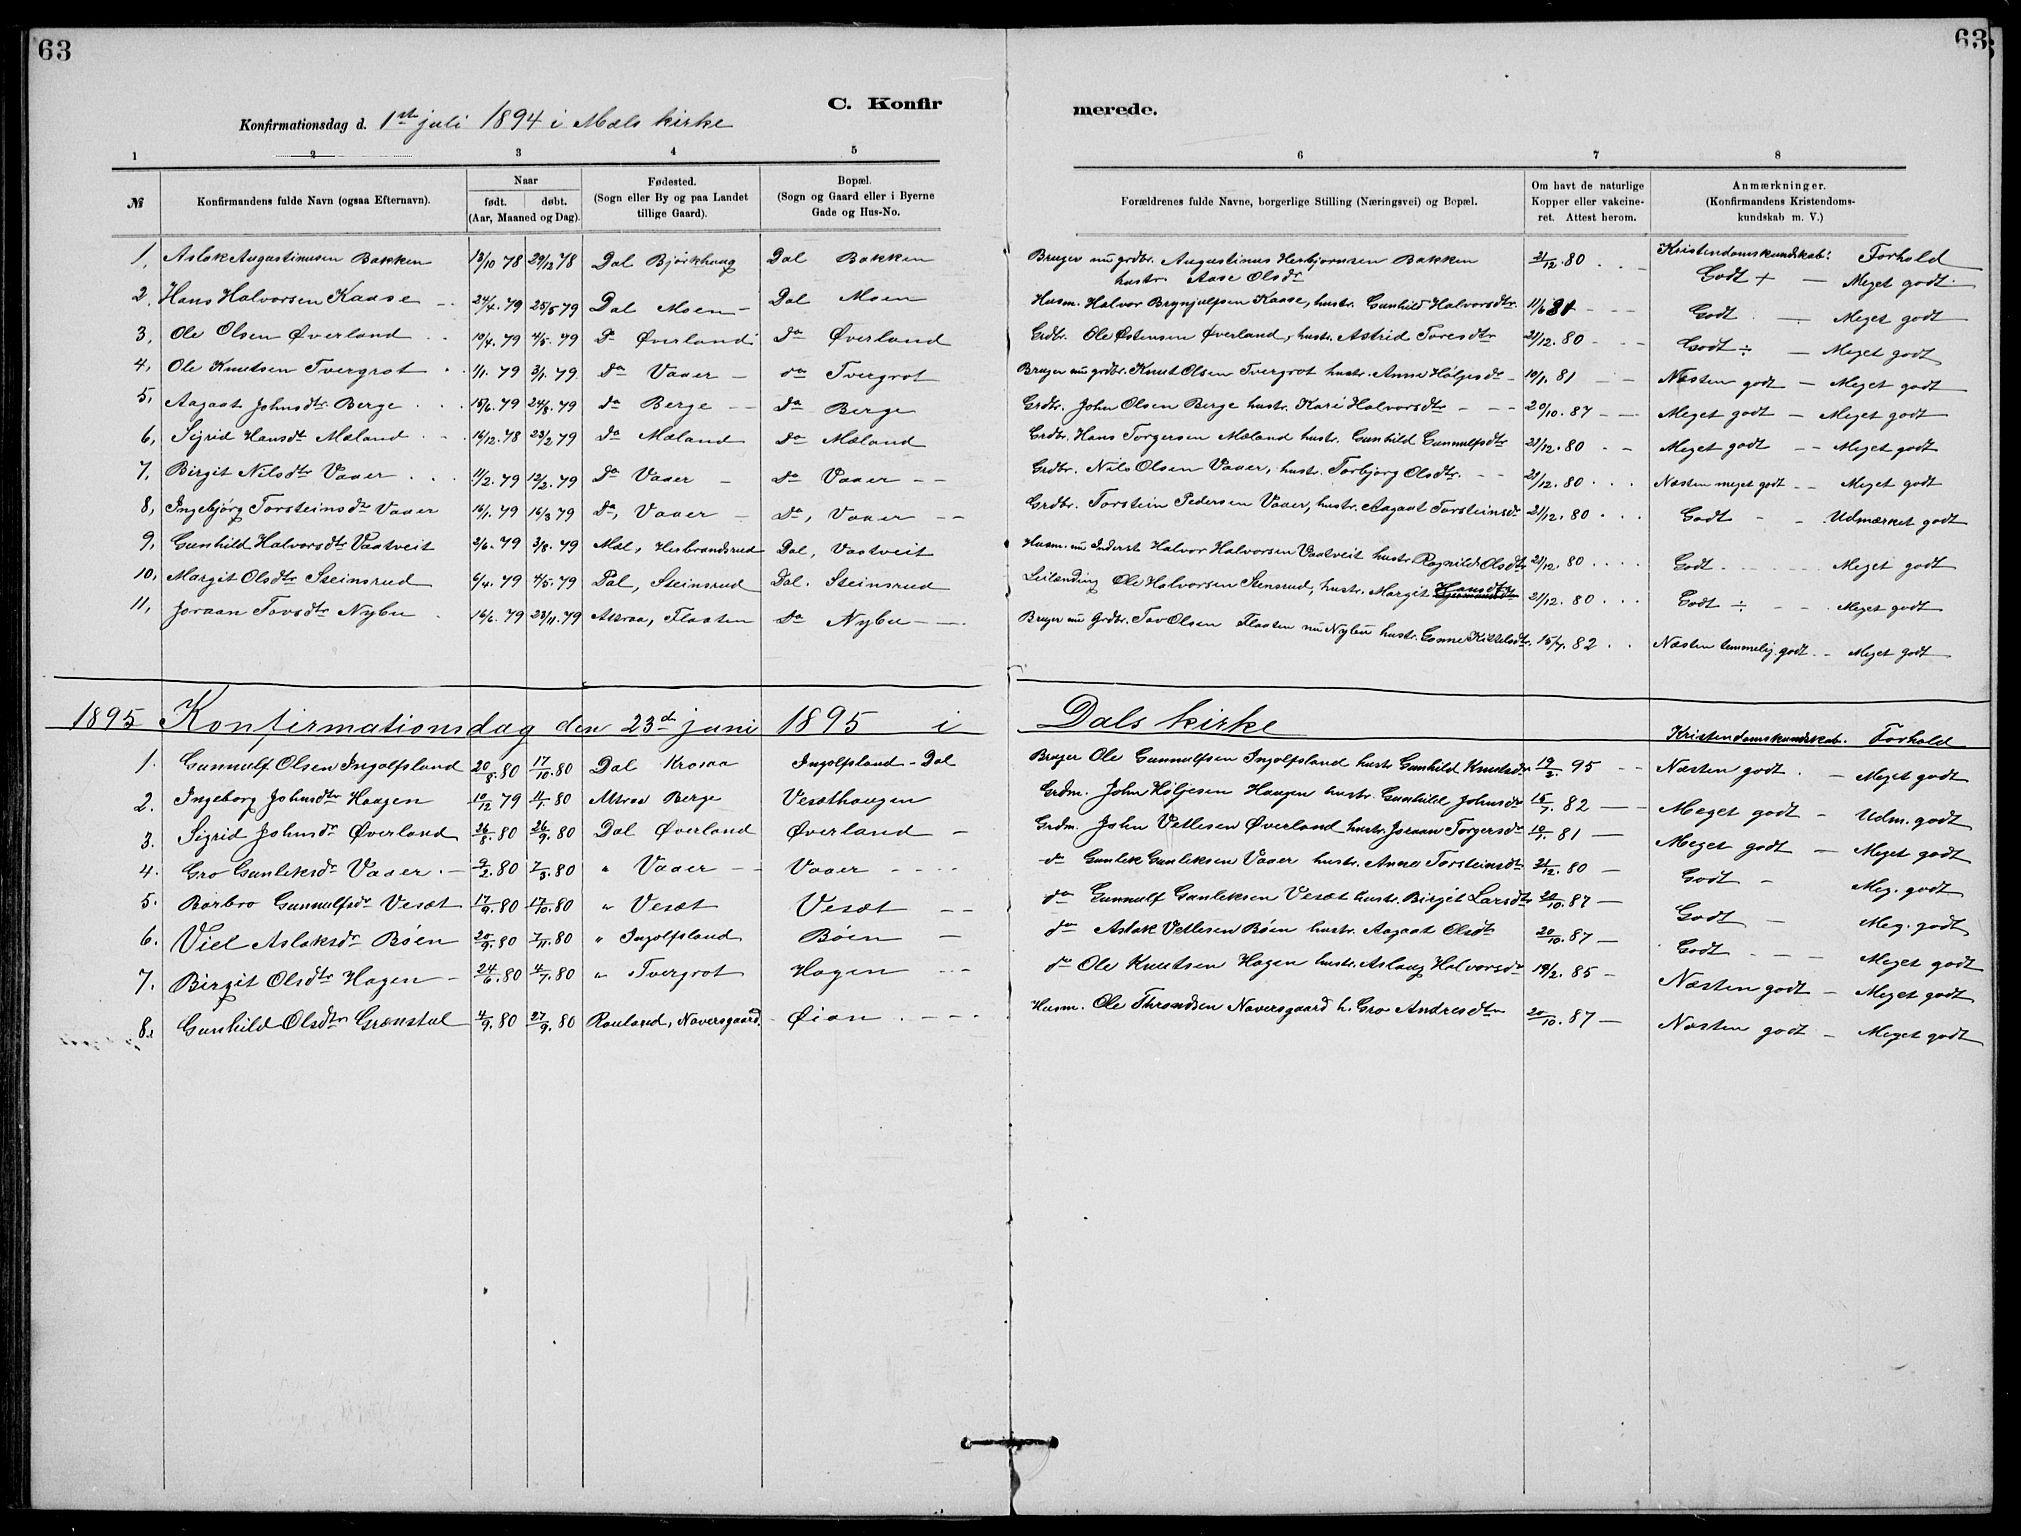 SAKO, Rjukan kirkebøker, G/Ga/L0001: Klokkerbok nr. 1, 1880-1914, s. 63